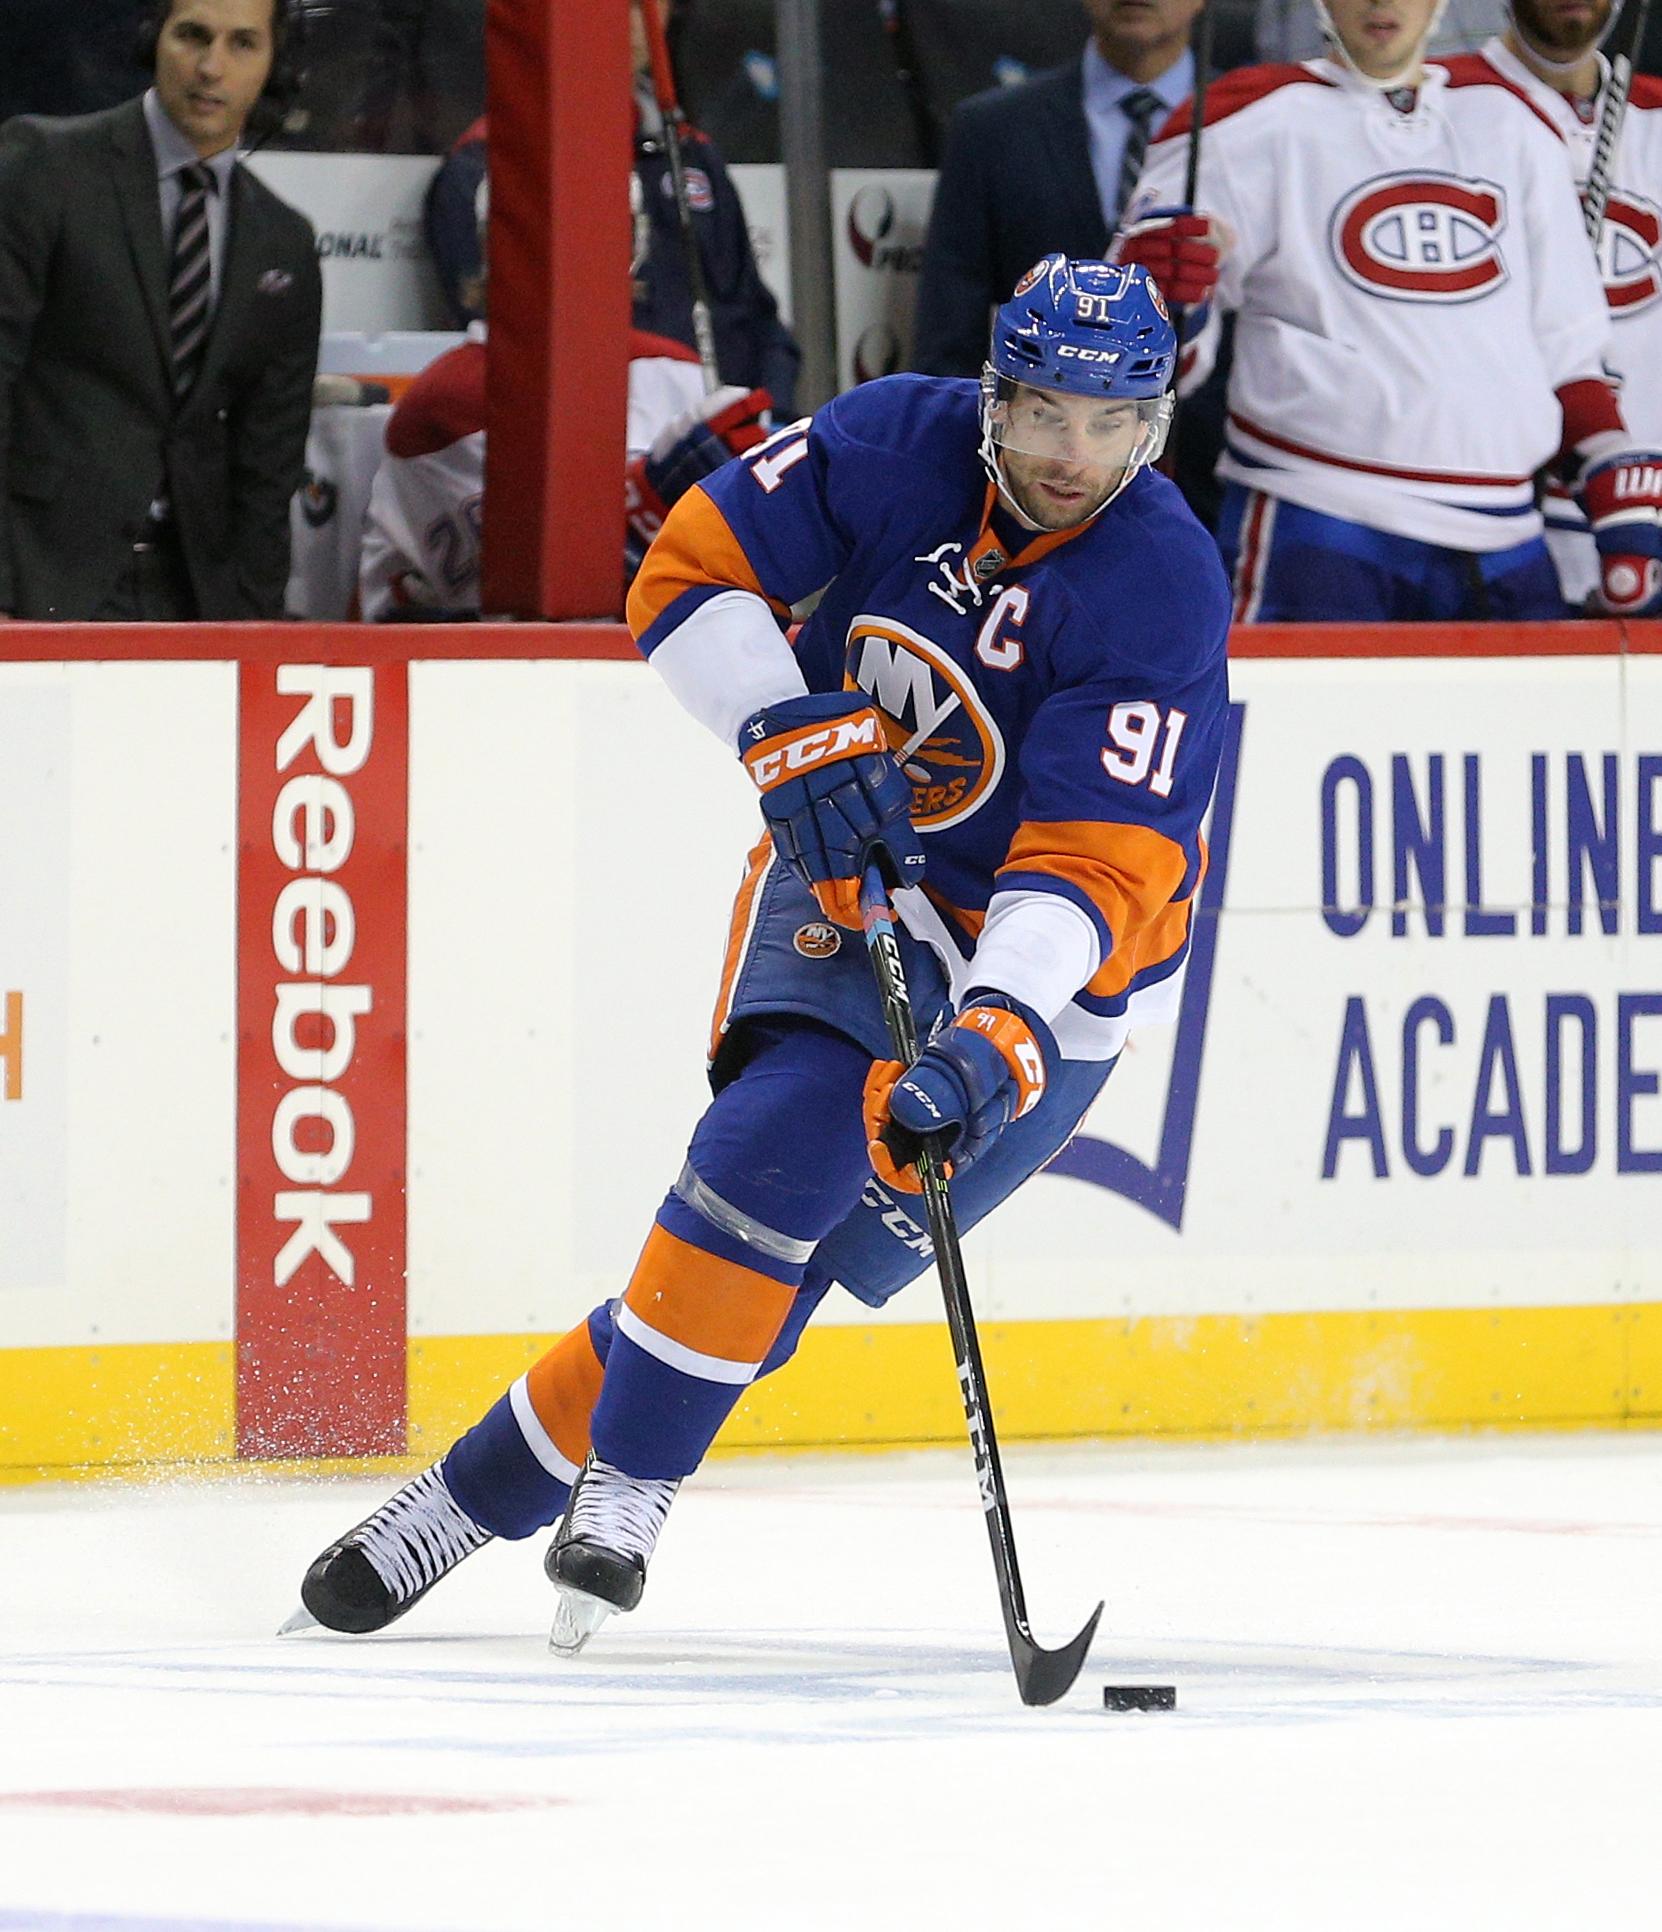 John Tavares (5-4-9 in 11 GP) leads the Islanders in scoring.